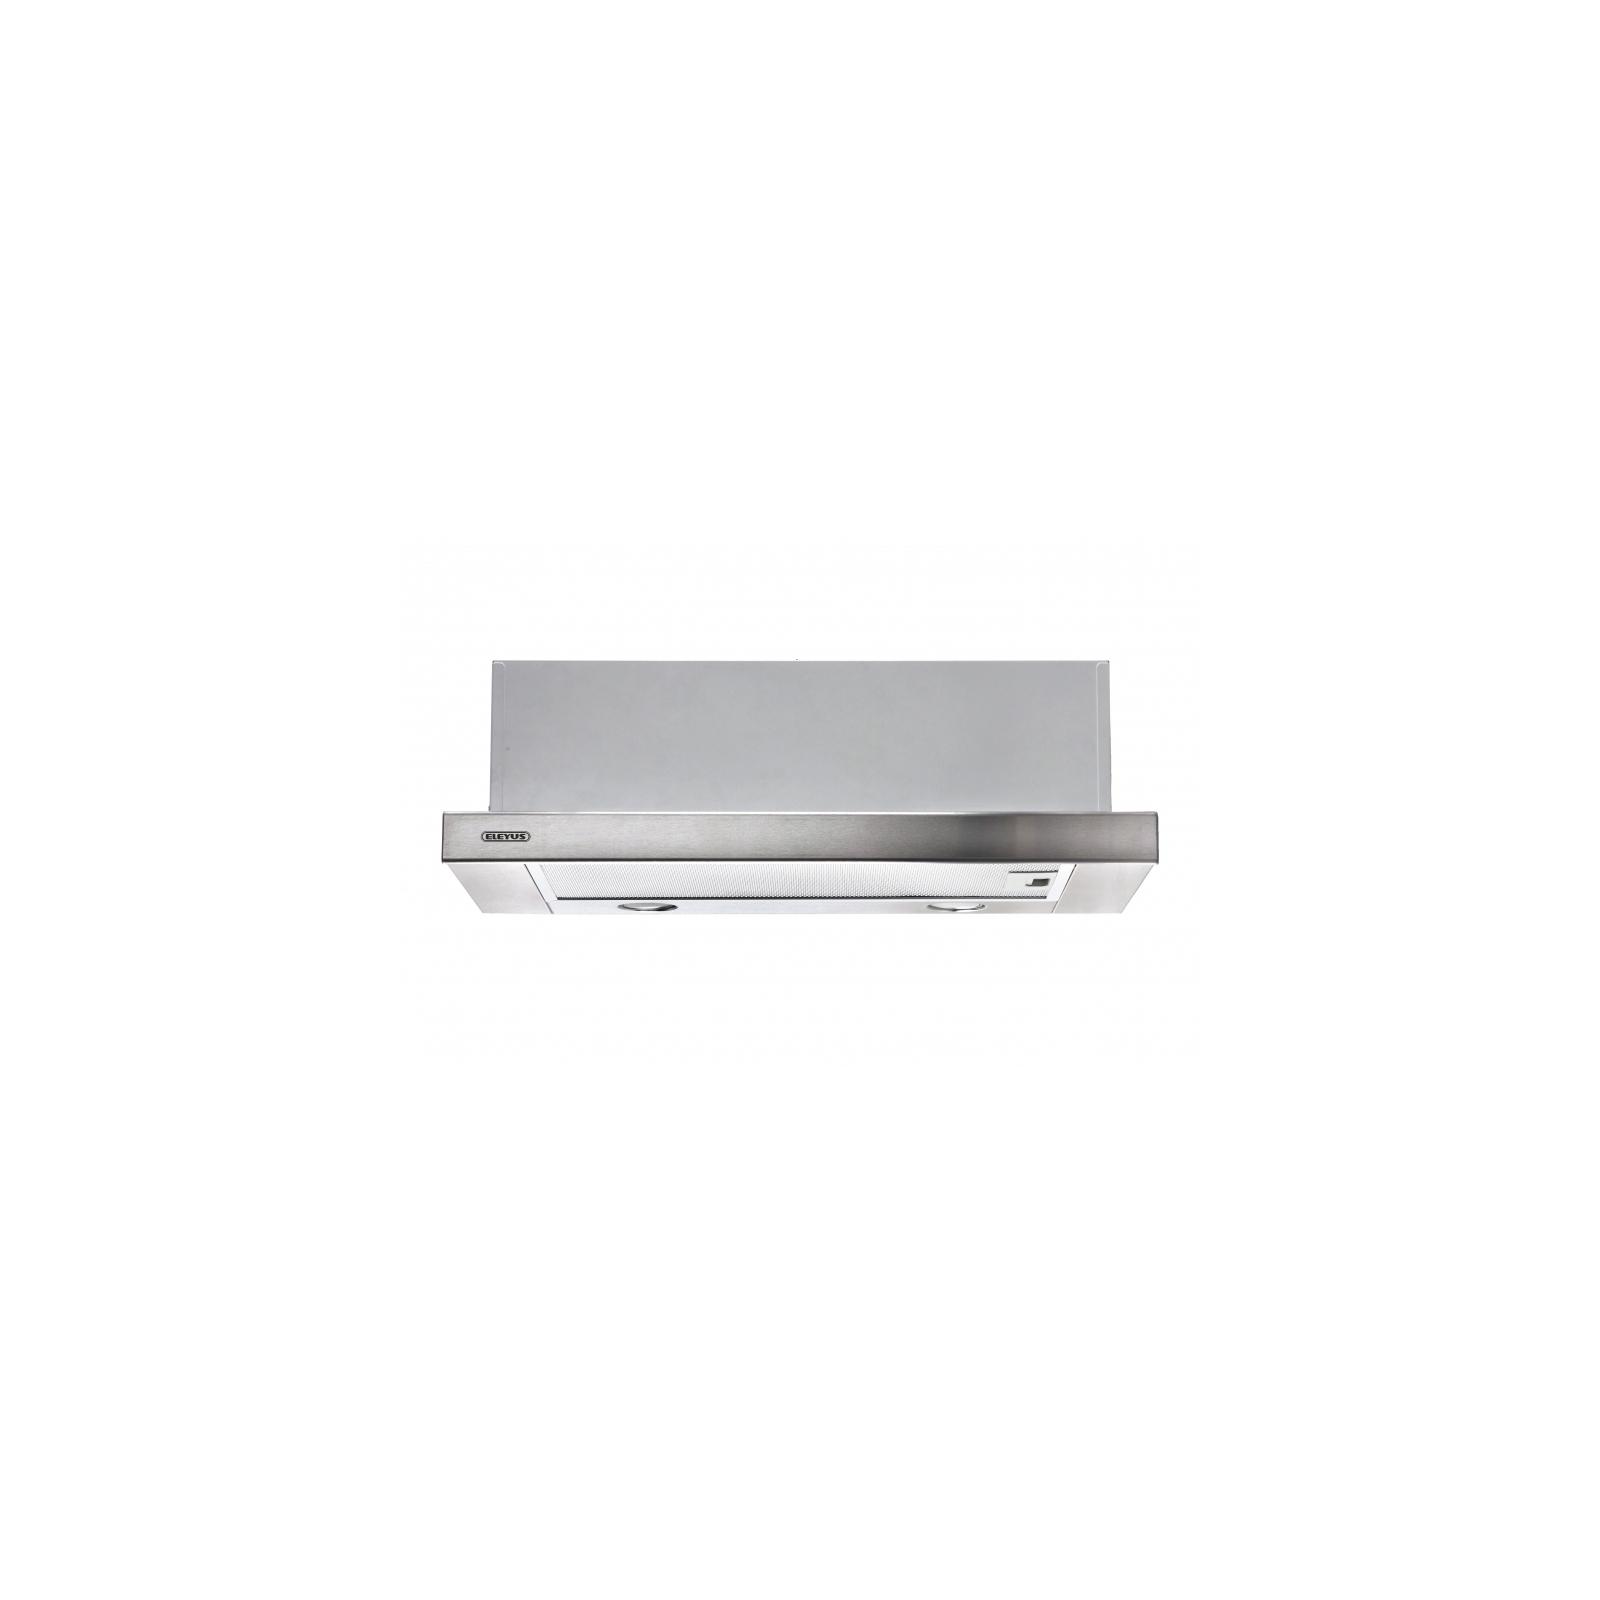 Вытяжка кухонная ELEYUS Storm 960 50 IS изображение 6